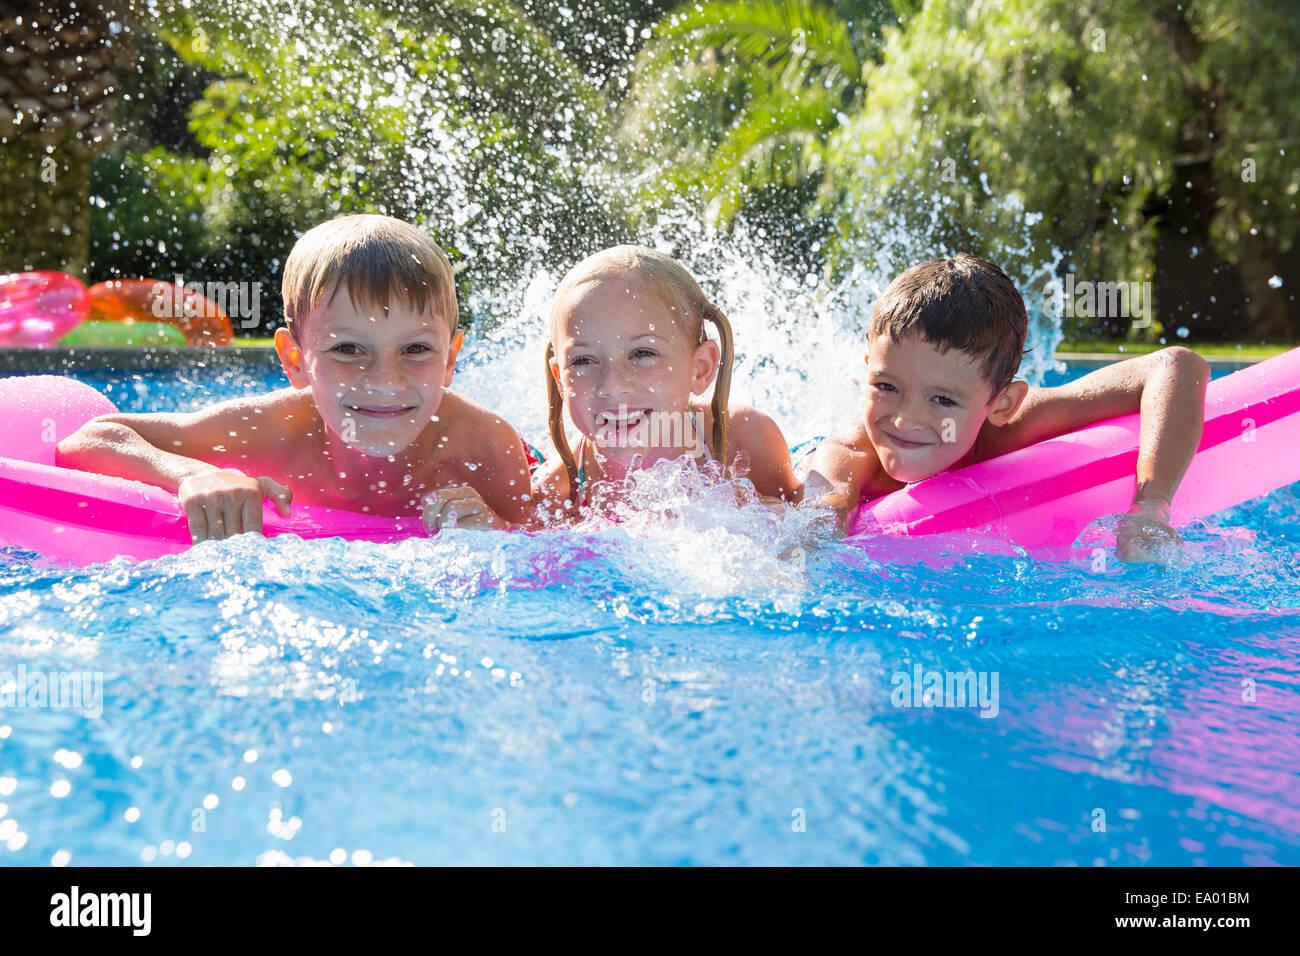 Retrato de tres niños salpicando sobre colchón inflable en el jardín piscina Imagen De Stock